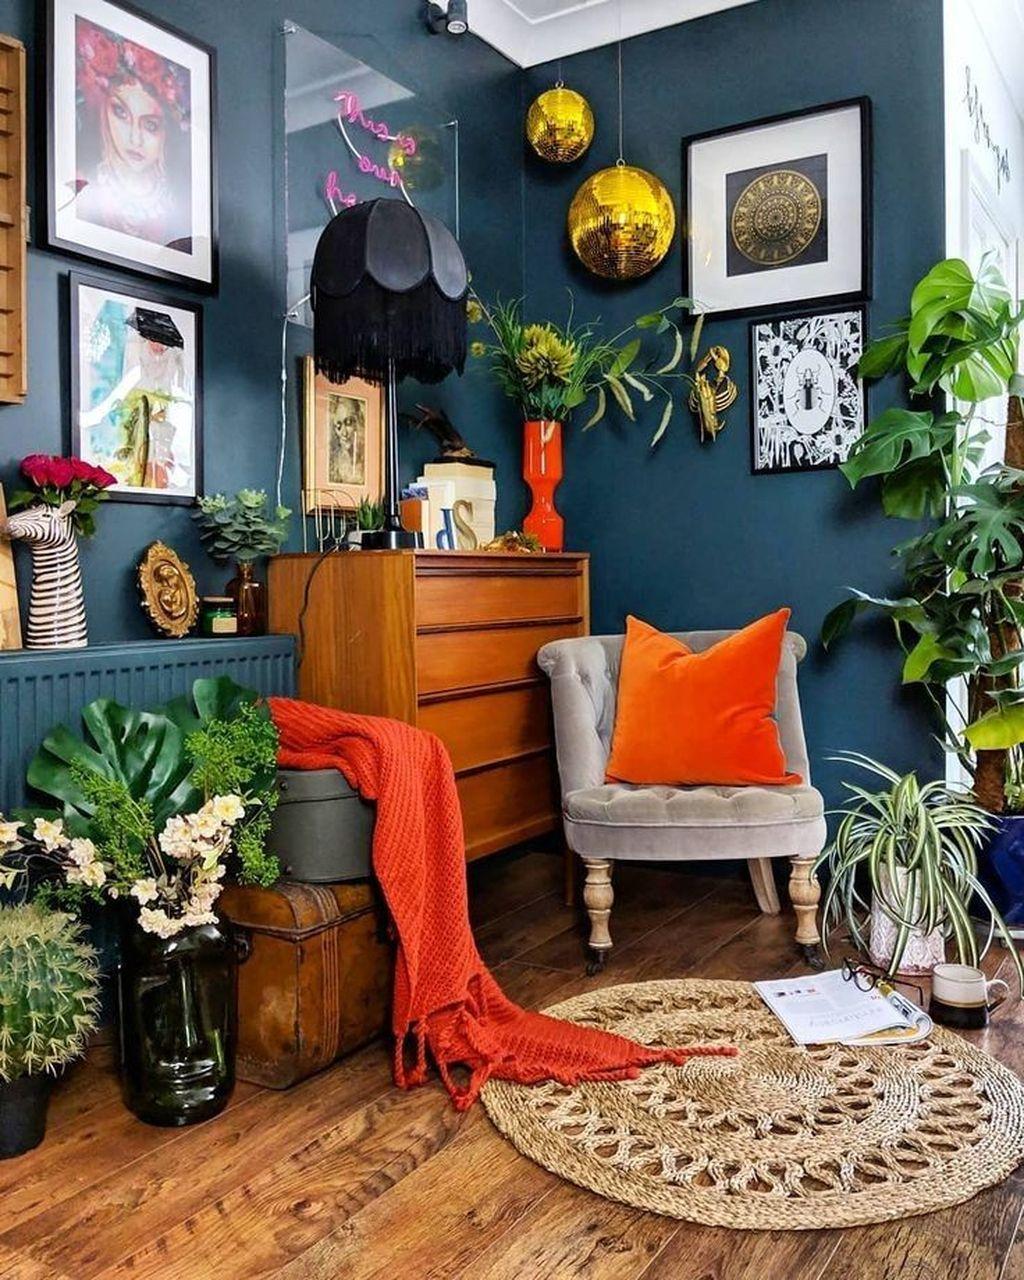 Lovely Bohemian Living Room Decor Ideas 01 In 2020 Bohemian Living Room Decor Bohemian Living Room Small Living Room Decor